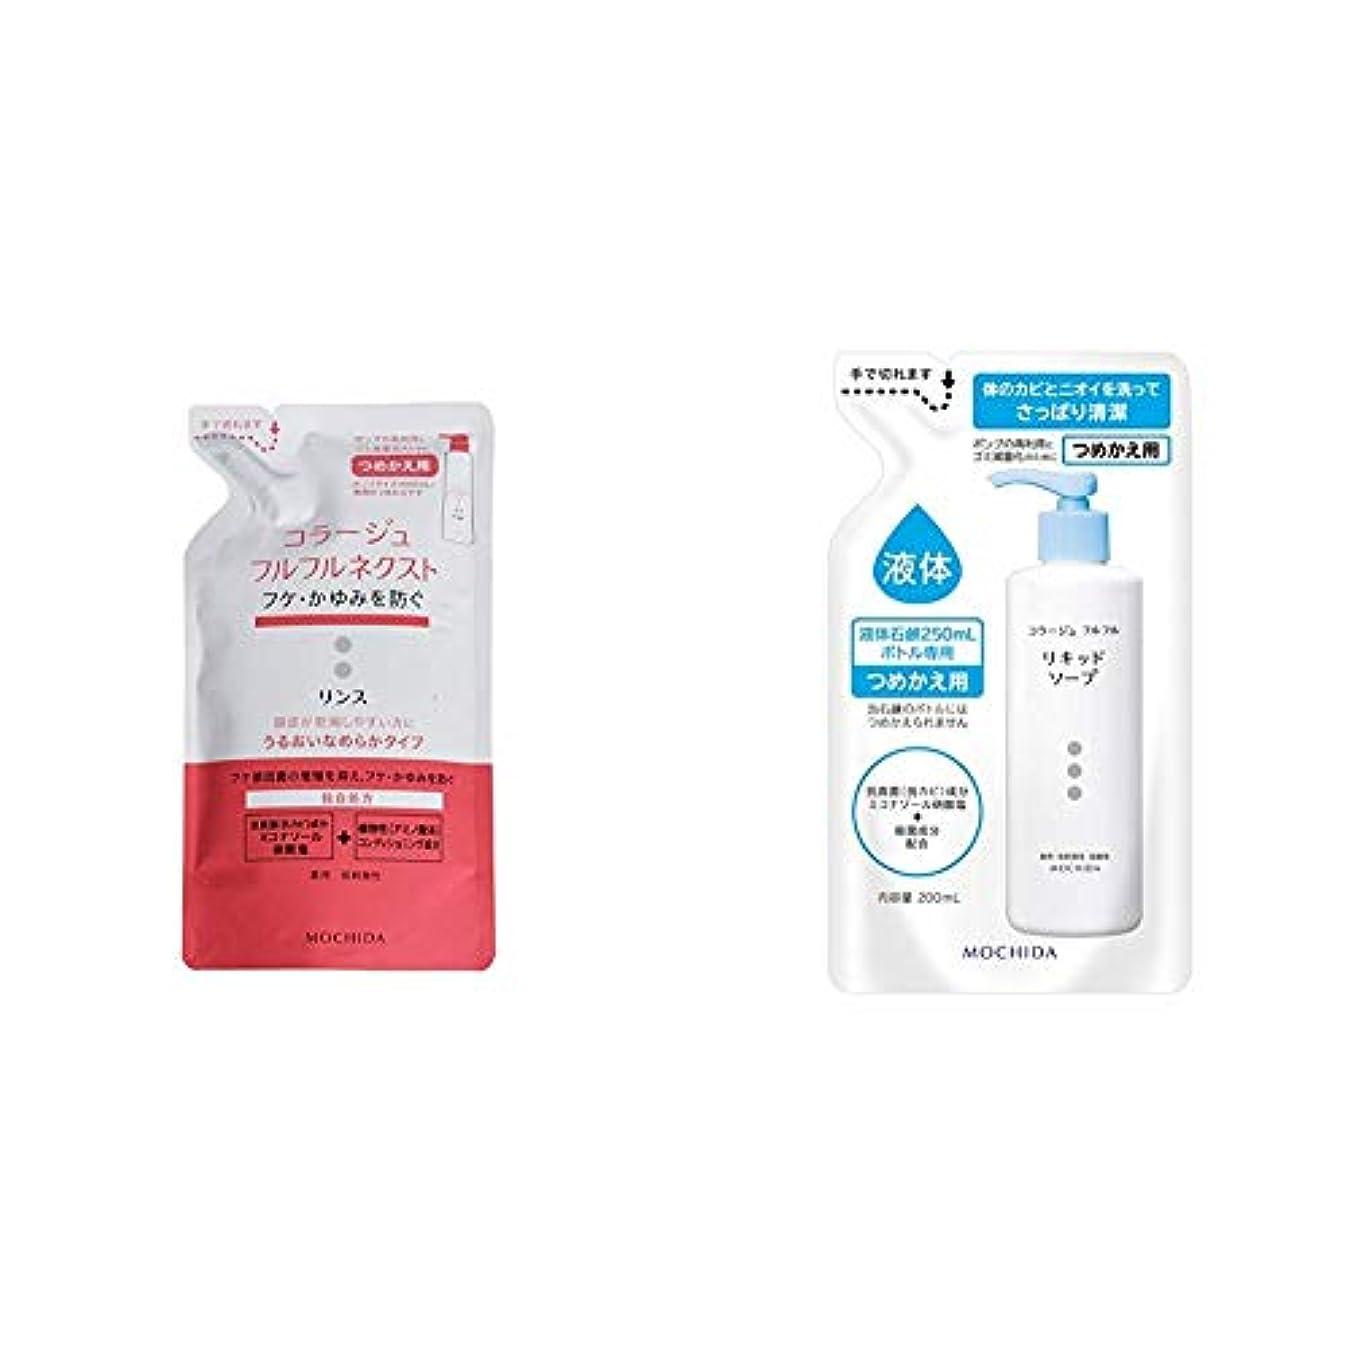 やむを得ない悲しいアレルギー性コラージュフルフル ネクストリンス うるおいなめらタイプ (つめかえ用) 280mL (医薬部外品) & 液体石鹸 (つめかえ用) 200mL (医薬部外品)